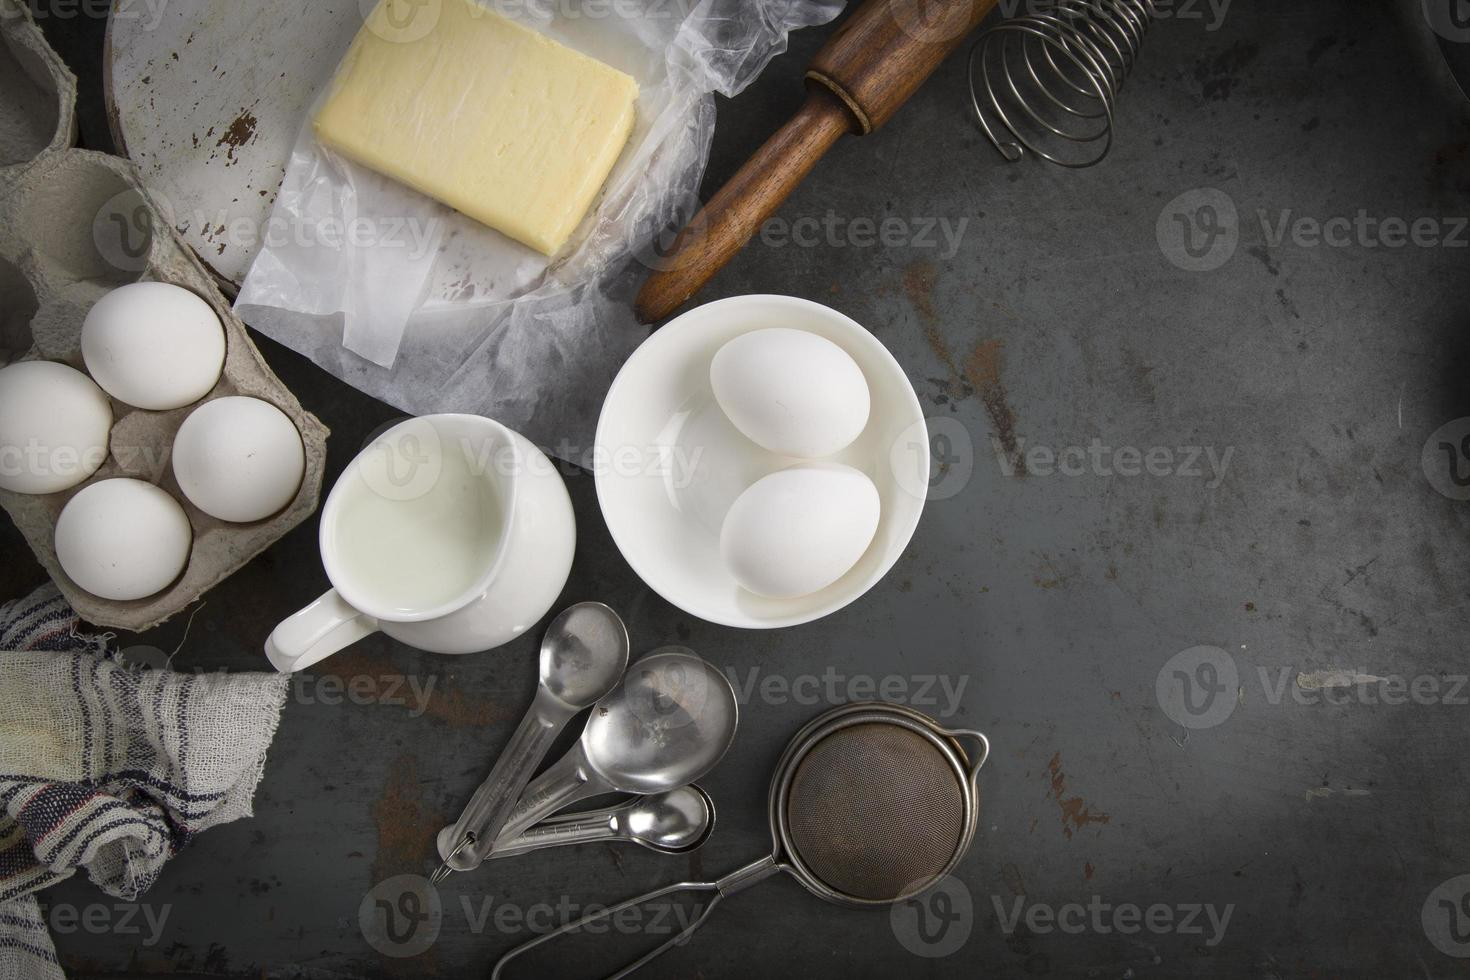 ingredientes para hornear pasteles. con espacio de copia foto